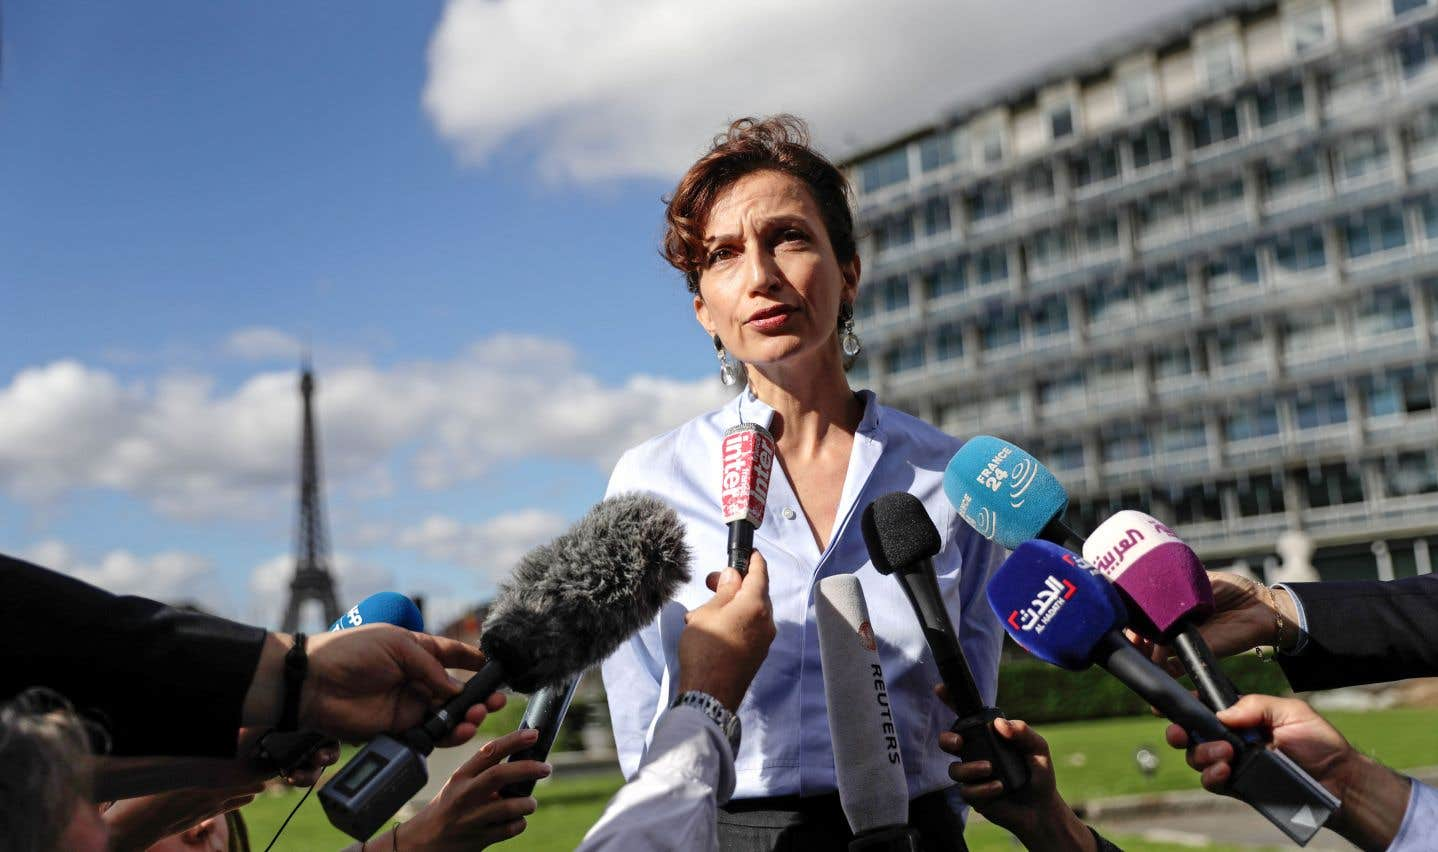 La Française Audrey Azoulay prend les rênes de l'UNESCO sur fond de crise